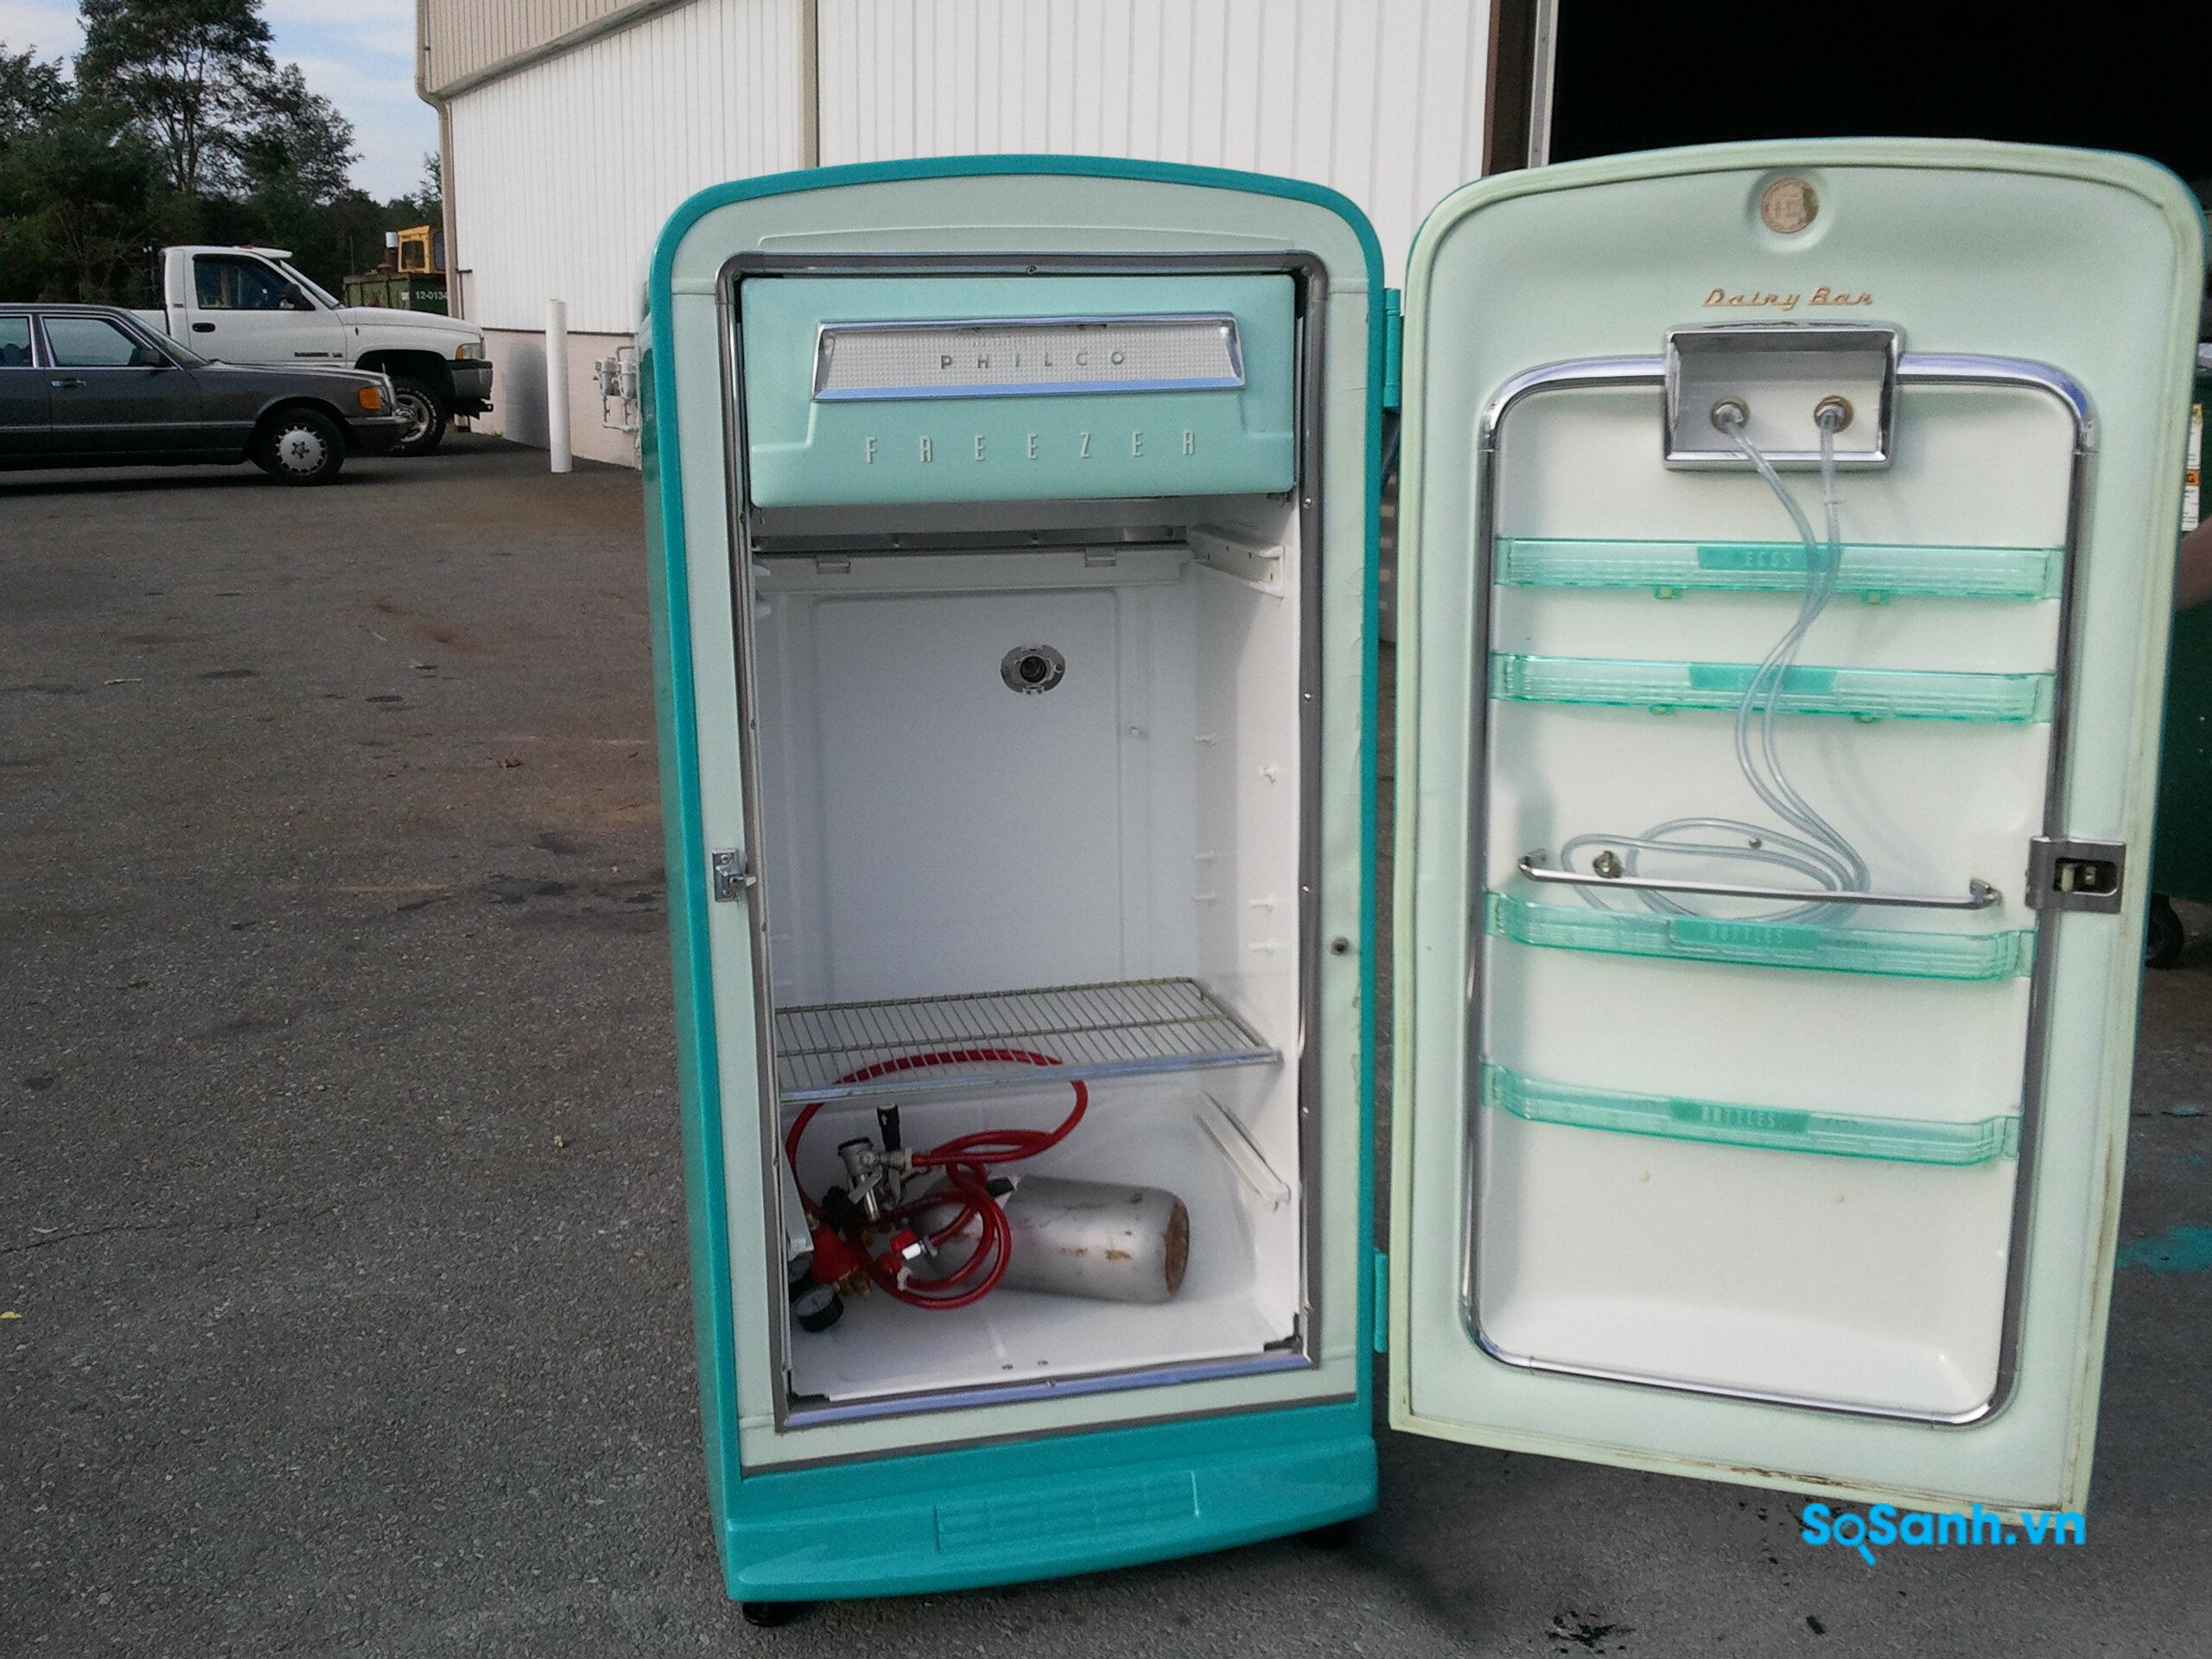 Kiểm tra kỹ càng trước khi mua tủ lạnh sẽ giúp bạn tránh mua phải đống sắt vụn không có khả năng làm lạnh